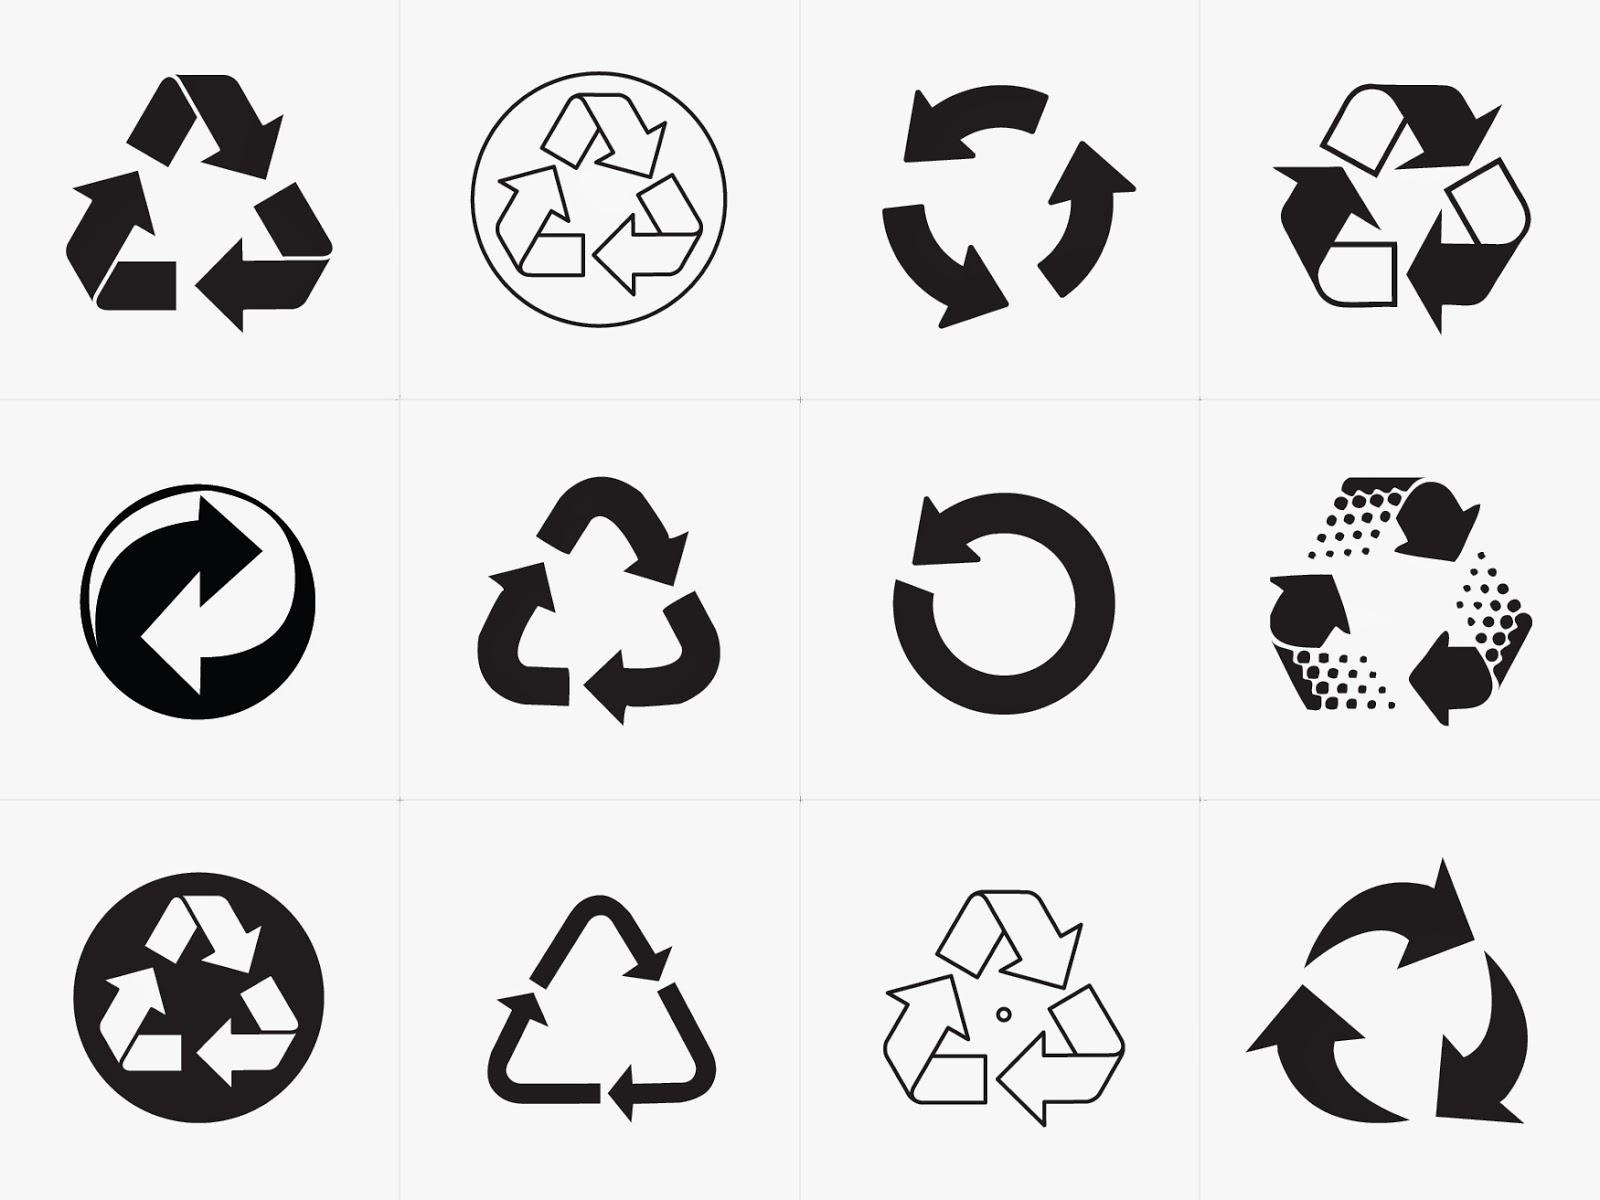 Sadis Art Blog The Recycling Symbol